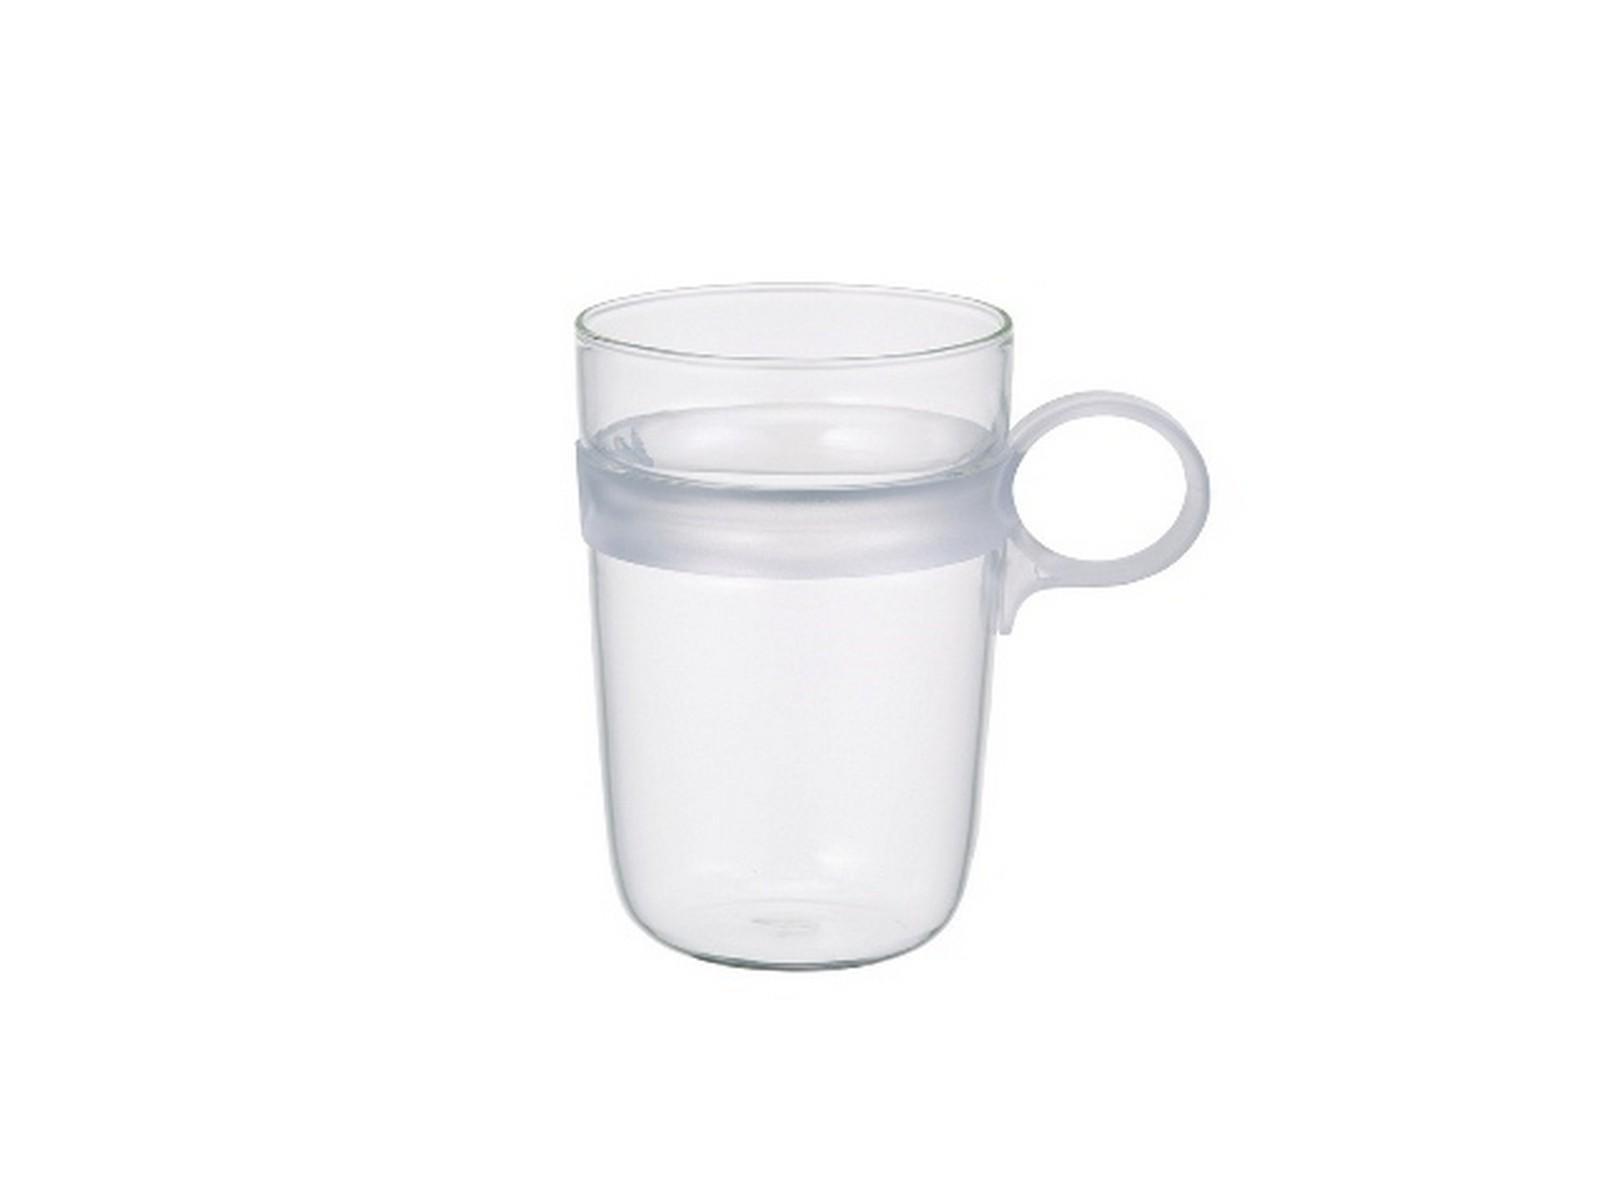 КружкаЧайные пары, чашки и кружки<br>Объем: 380 мл<br><br>Material: Стекло